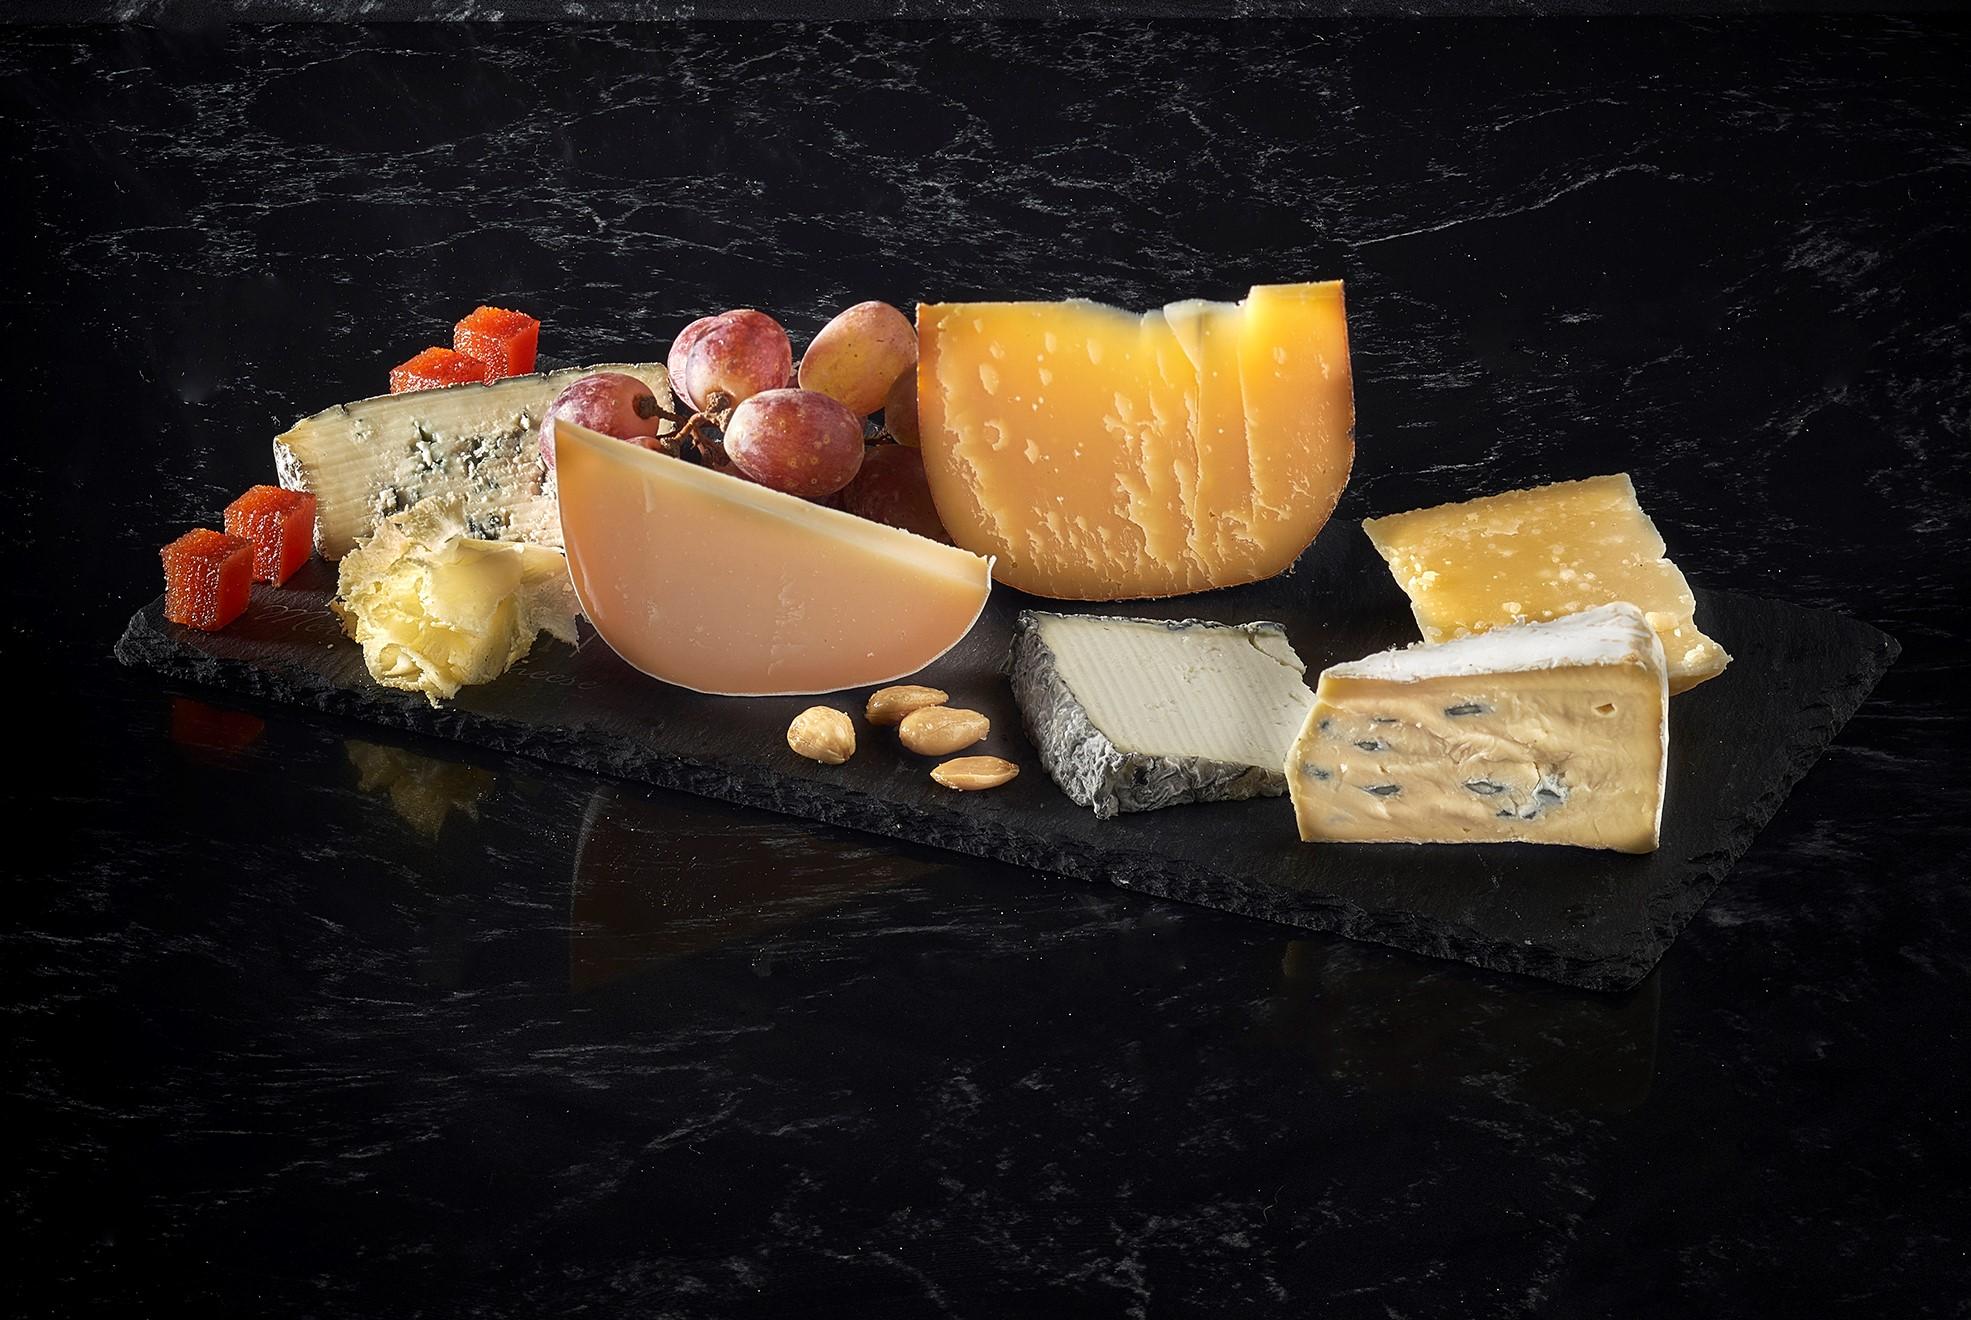 Фестиваль лучших сыров к празднику Шавуот!